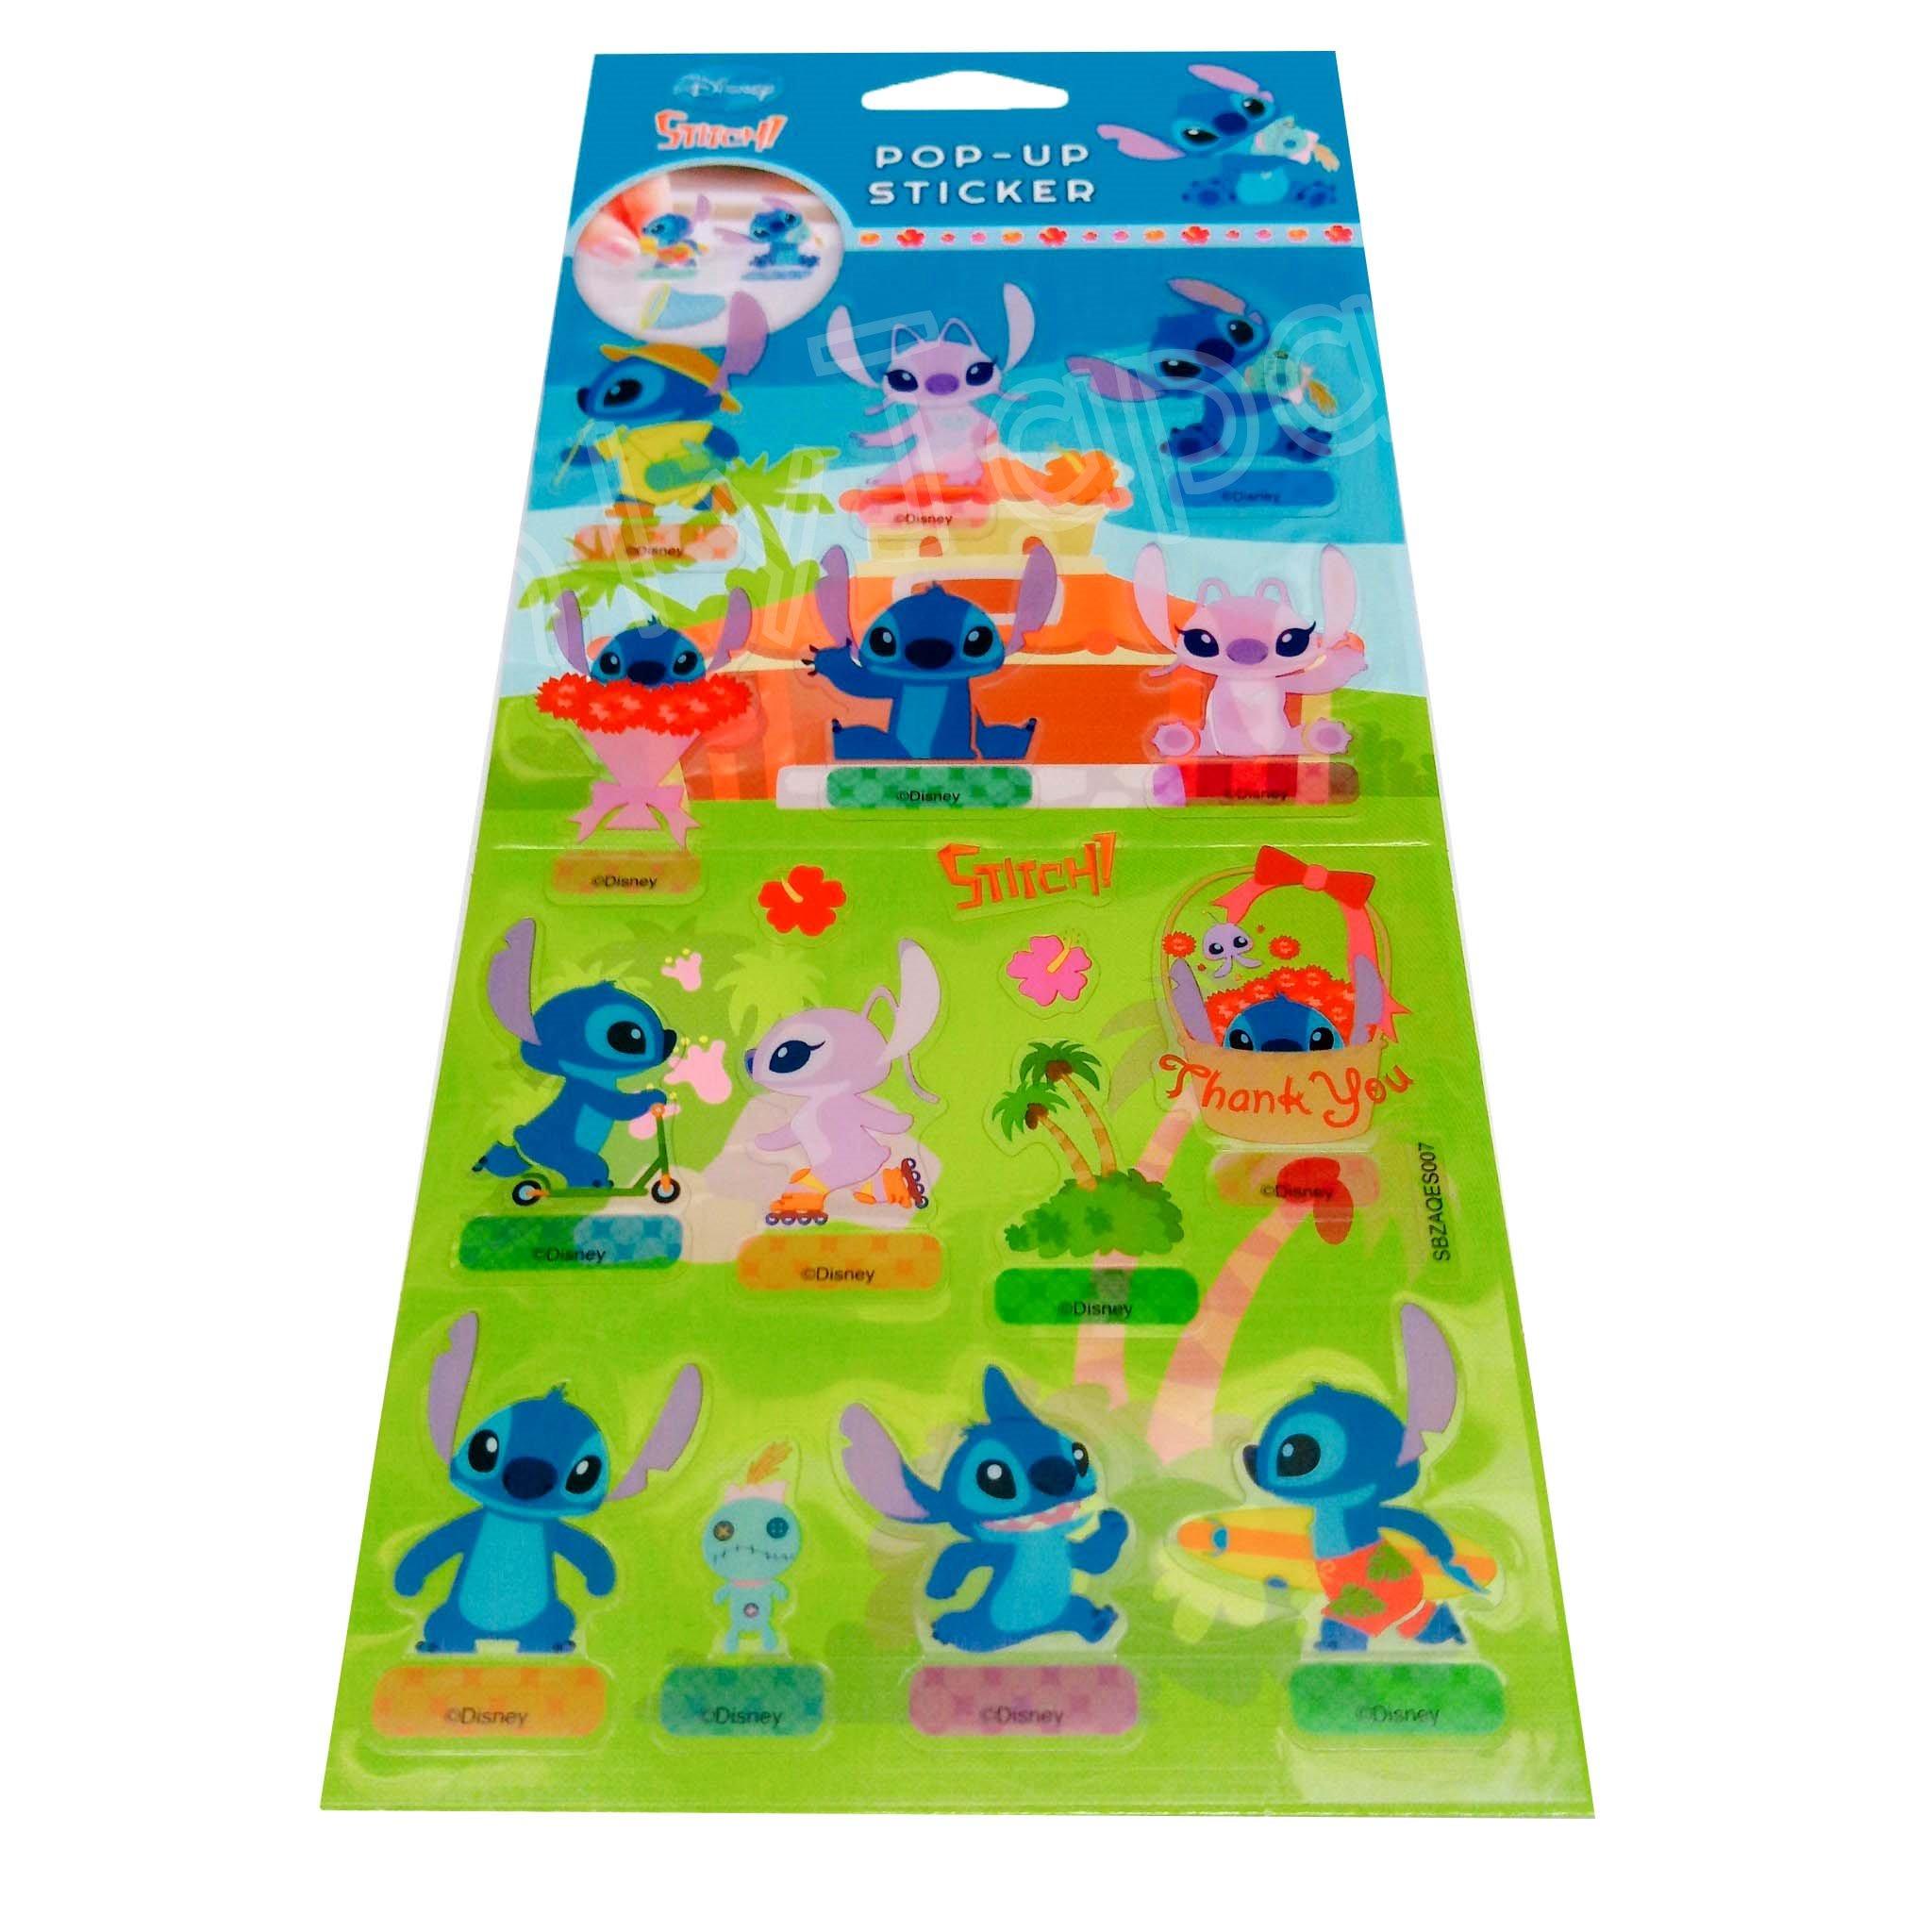 【真愛日本】18050800020 迪士尼站立貼-史迪奇 迪士尼 史迪奇 星際寶貝 Angle 貼紙 站立標籤貼紙 立標貼紙 收藏